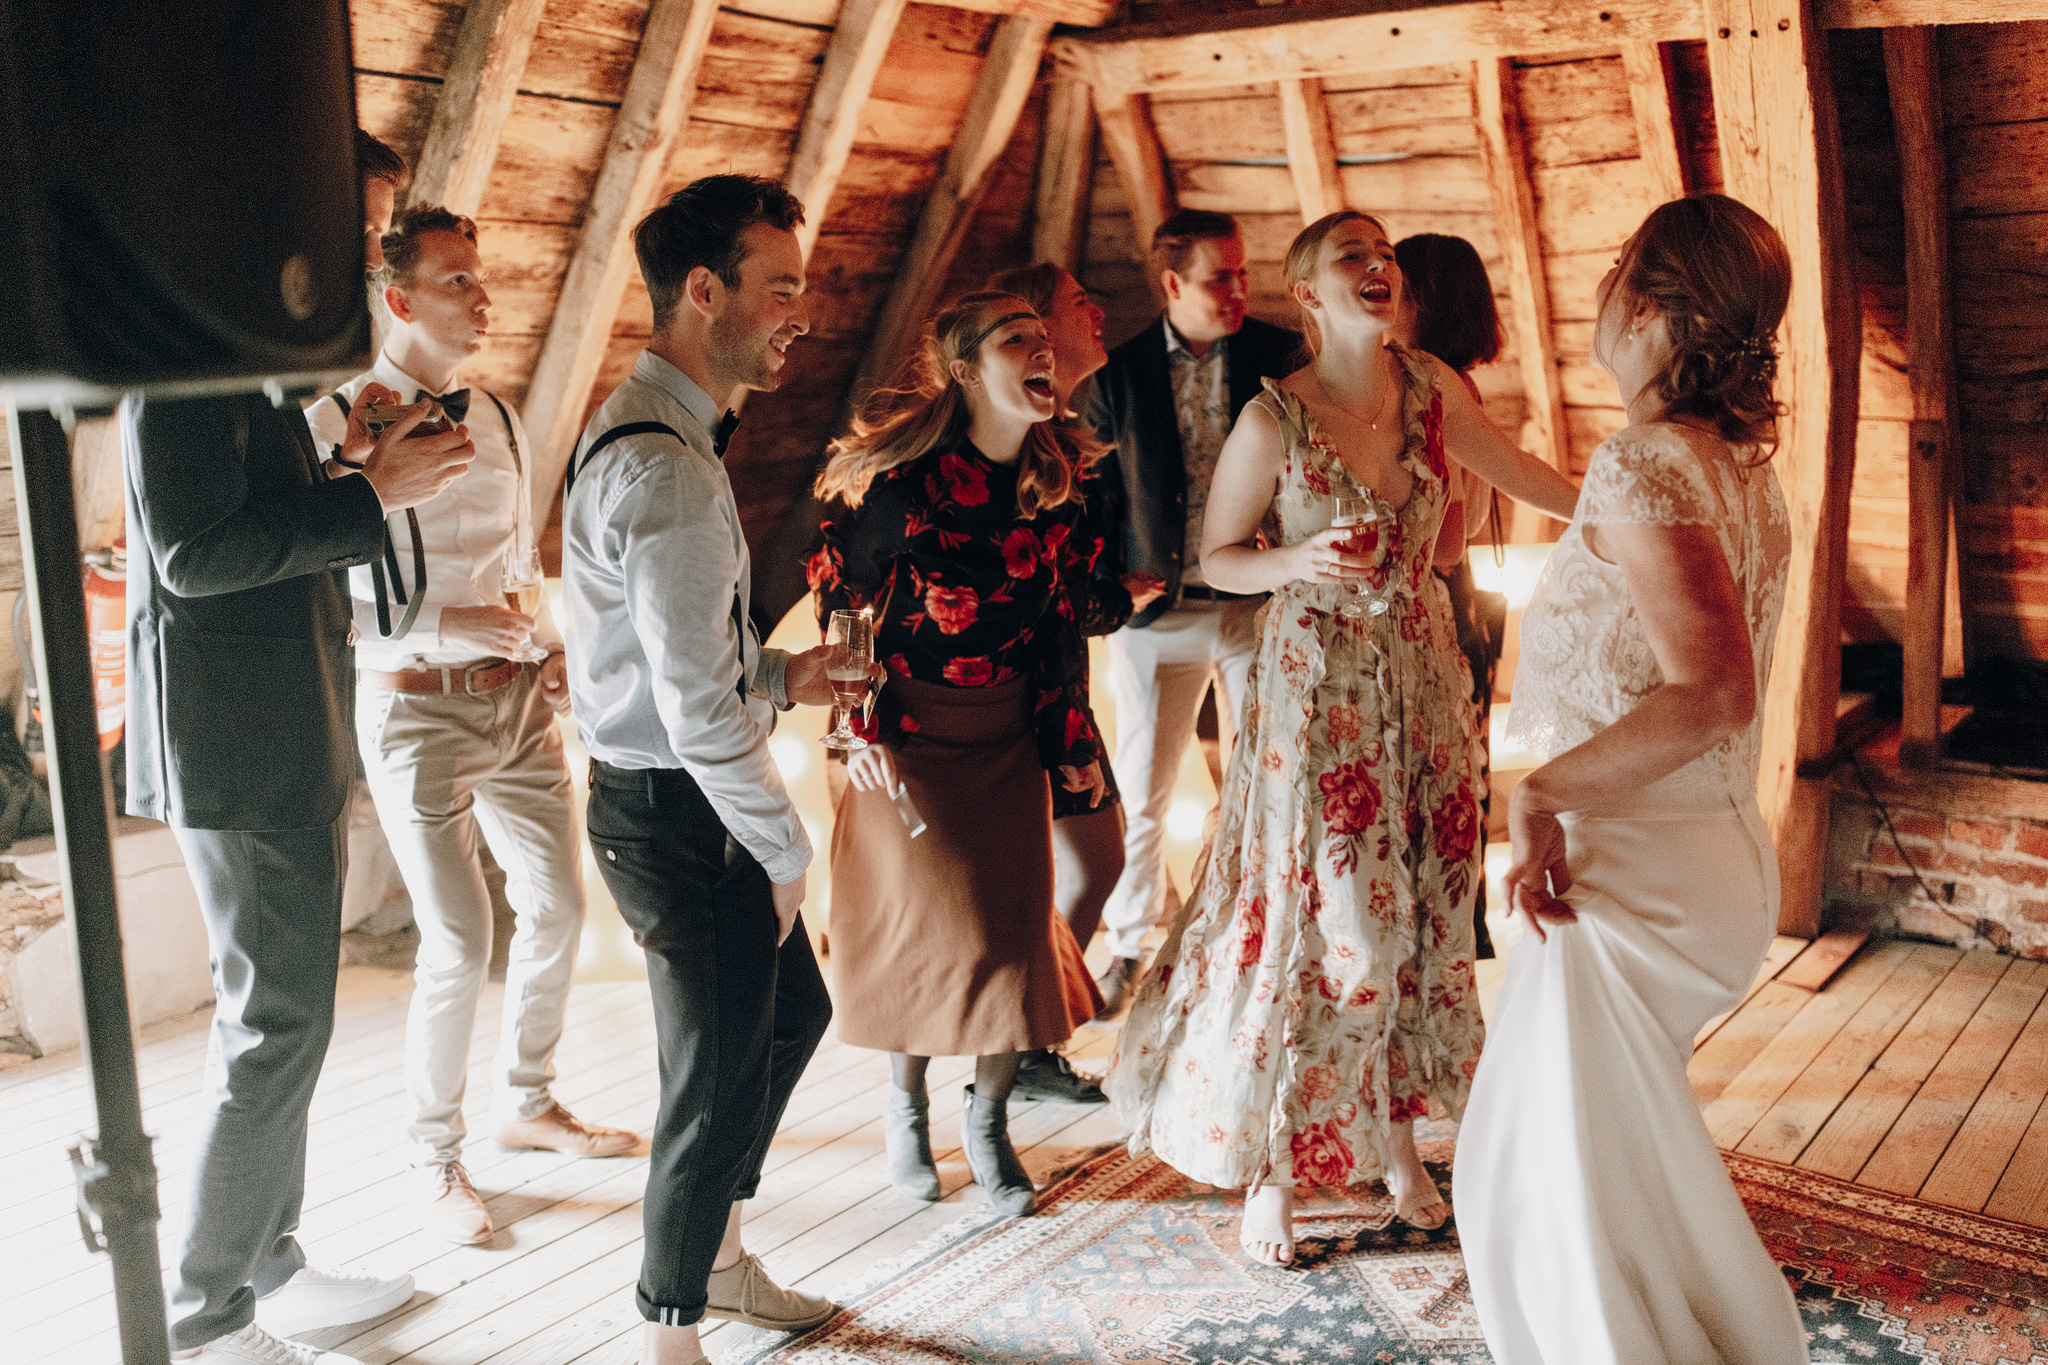 Bruid danst met gasten op bruiloft bij Kloster Graefenthal